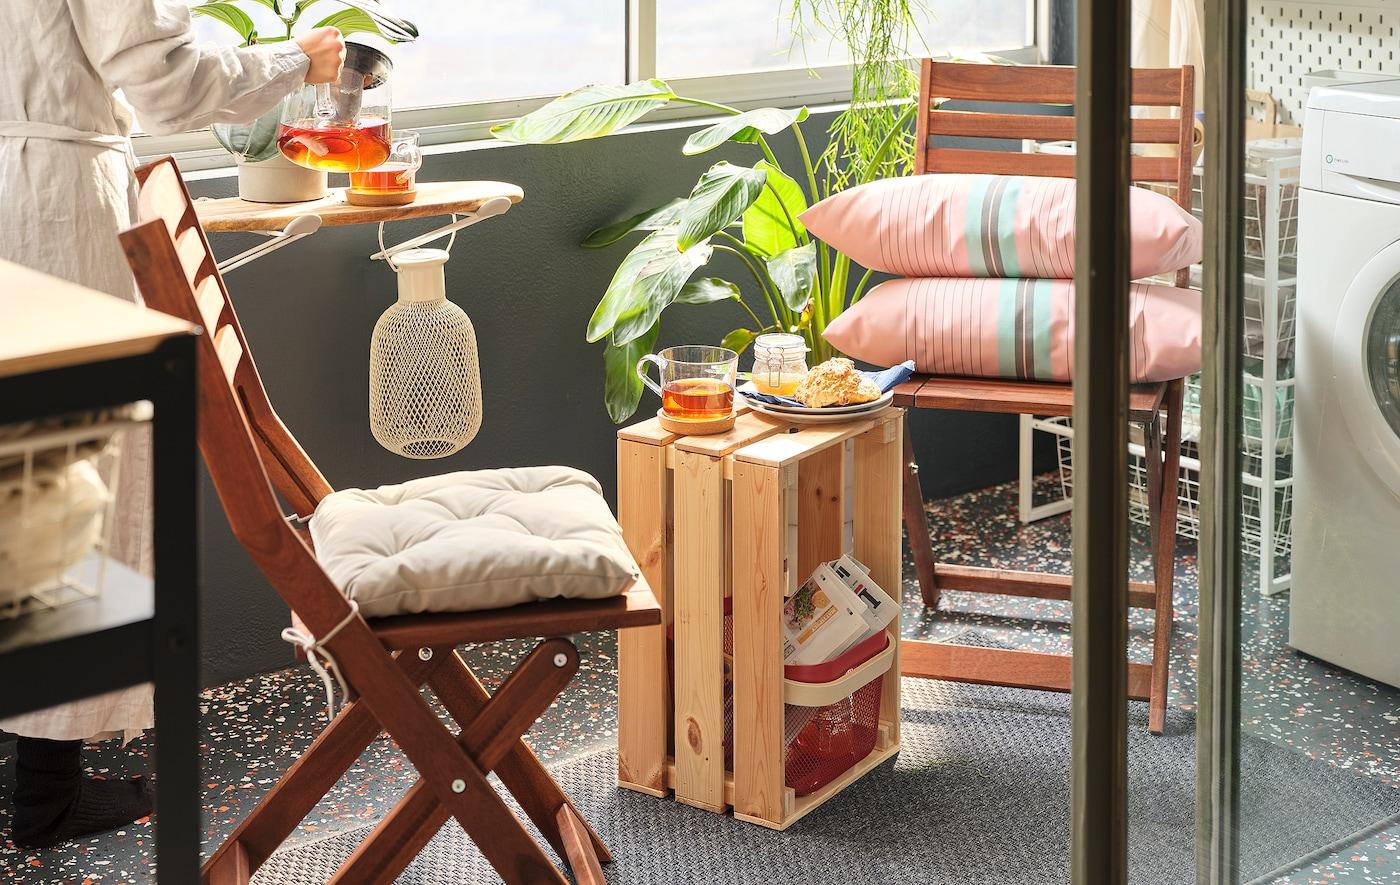 Un petit coin café sur un balcon ensoleillé formé par des chaises pliantes et une caisse en bois KNAGGLIG faisant office de petite table placée au milieu.